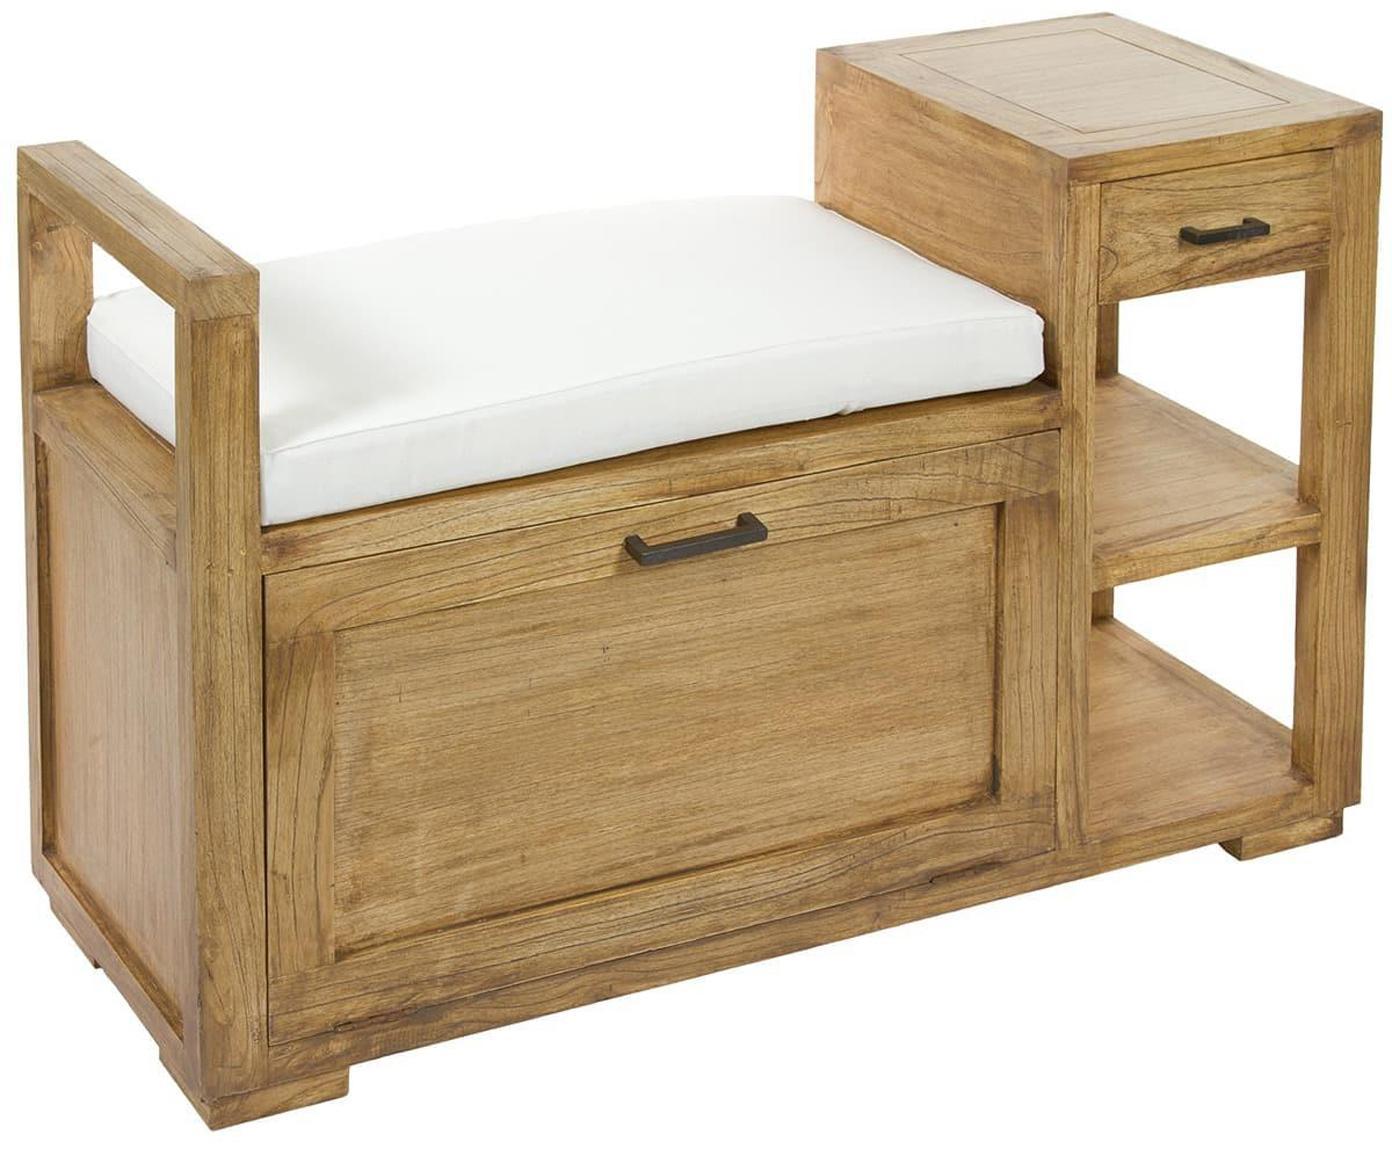 Banco y mesa auxiliar Dian, con espacio de almacenamiento, Madera de mindi maciza, Estructura: marrón Cojín: blanco, An 100 x Al 63 cm